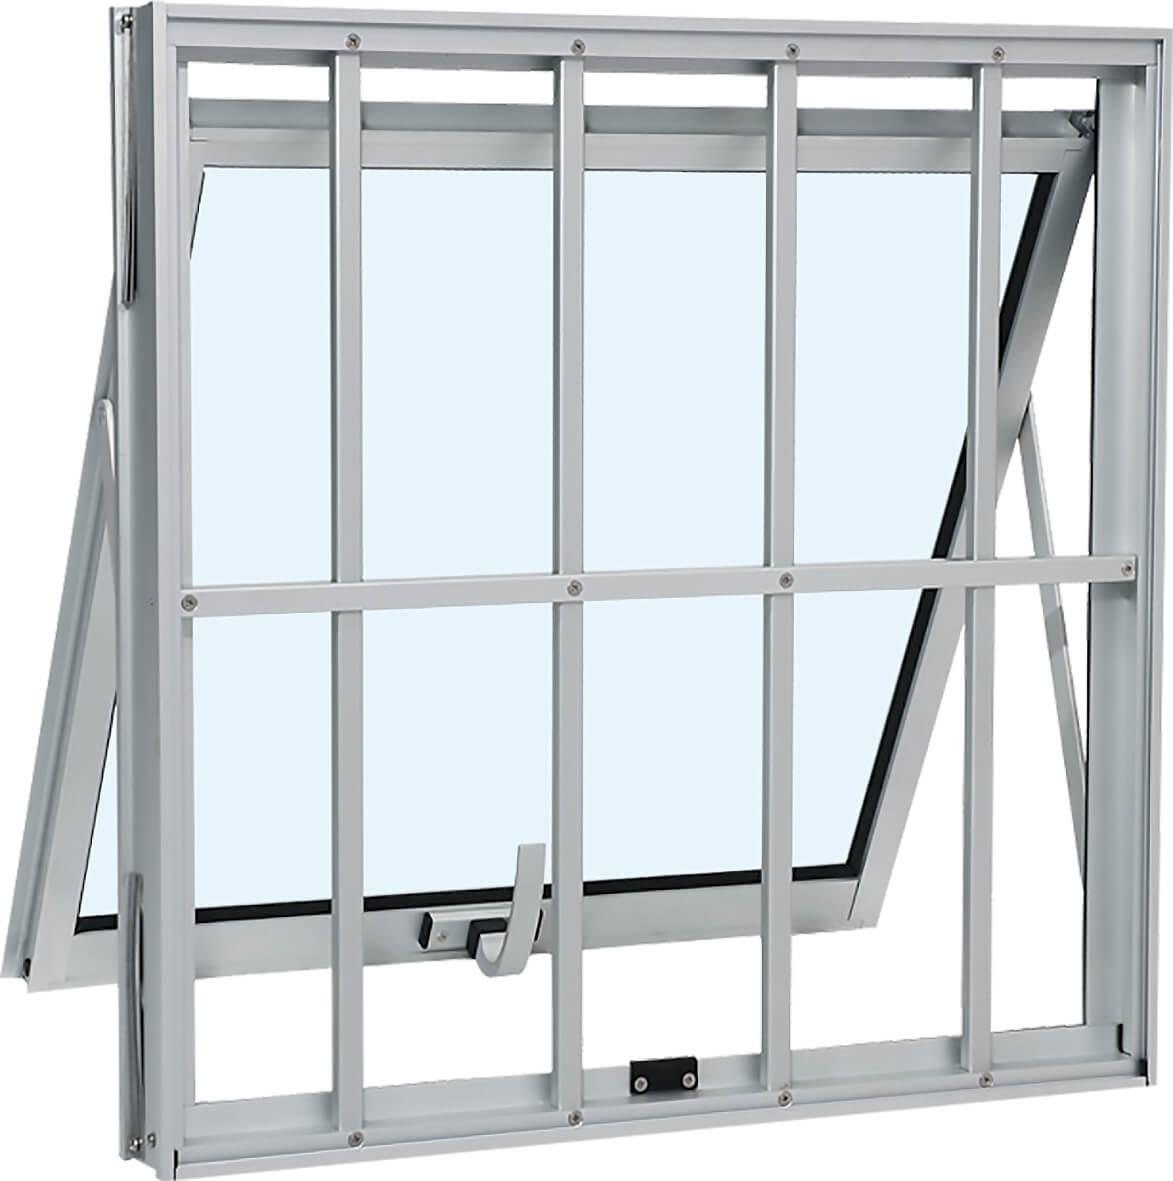 Alumifort Janela Maxim-Ar - 0.60x0.60x7 Ref. 72.05.423-7 Sasazaki